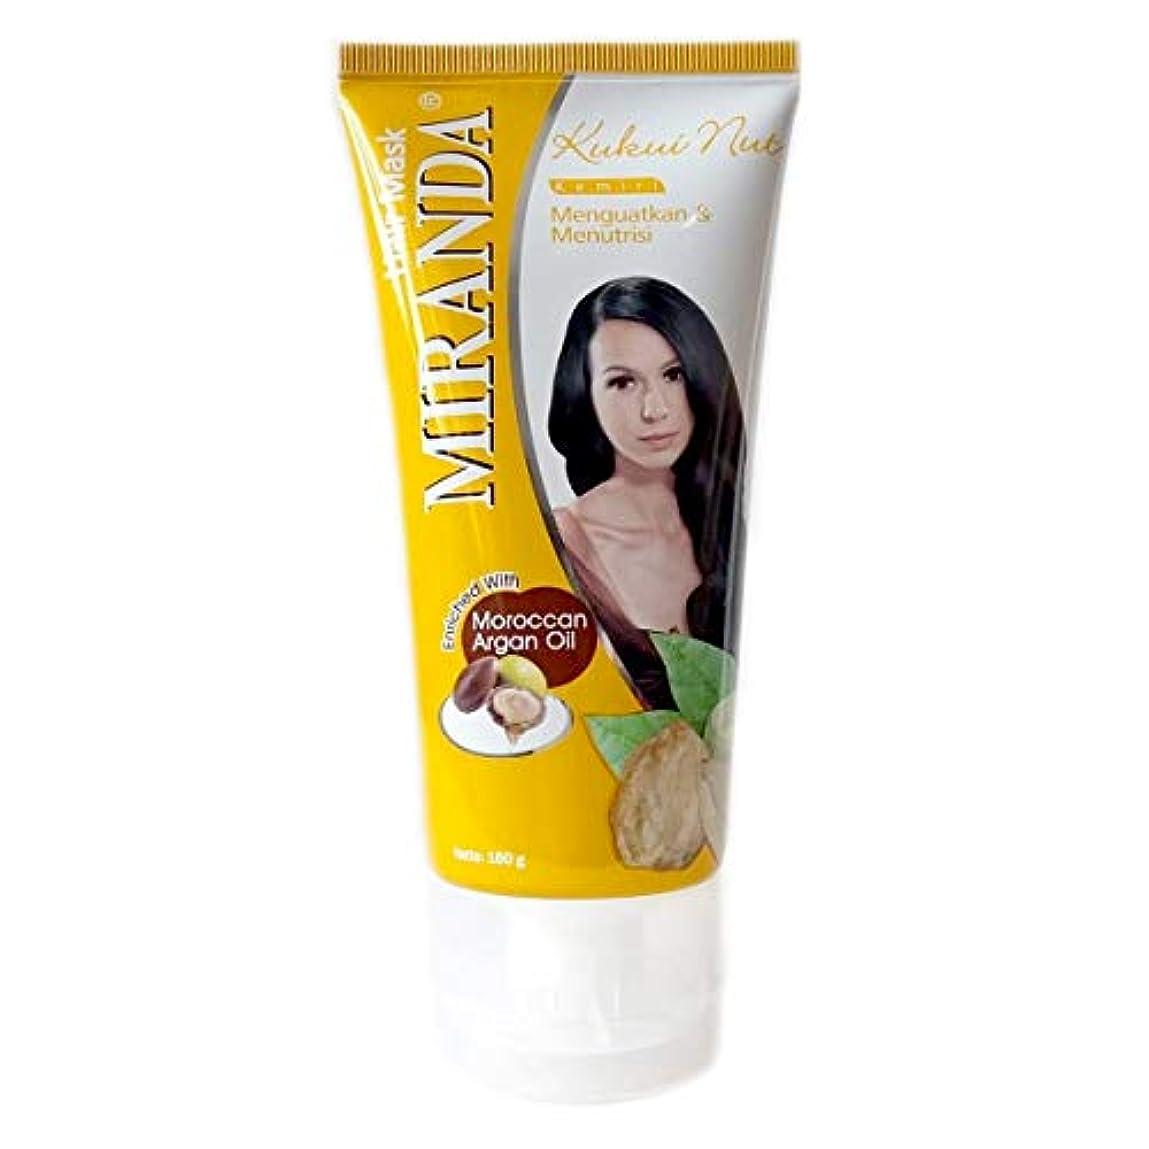 仕事大工苦しむMIRANDA ミランダ Hair Mask ヘアマスク モロッカンアルガンオイル主成分のヘアトリートメント 160g Kukui nut クミリ [海外直送品]